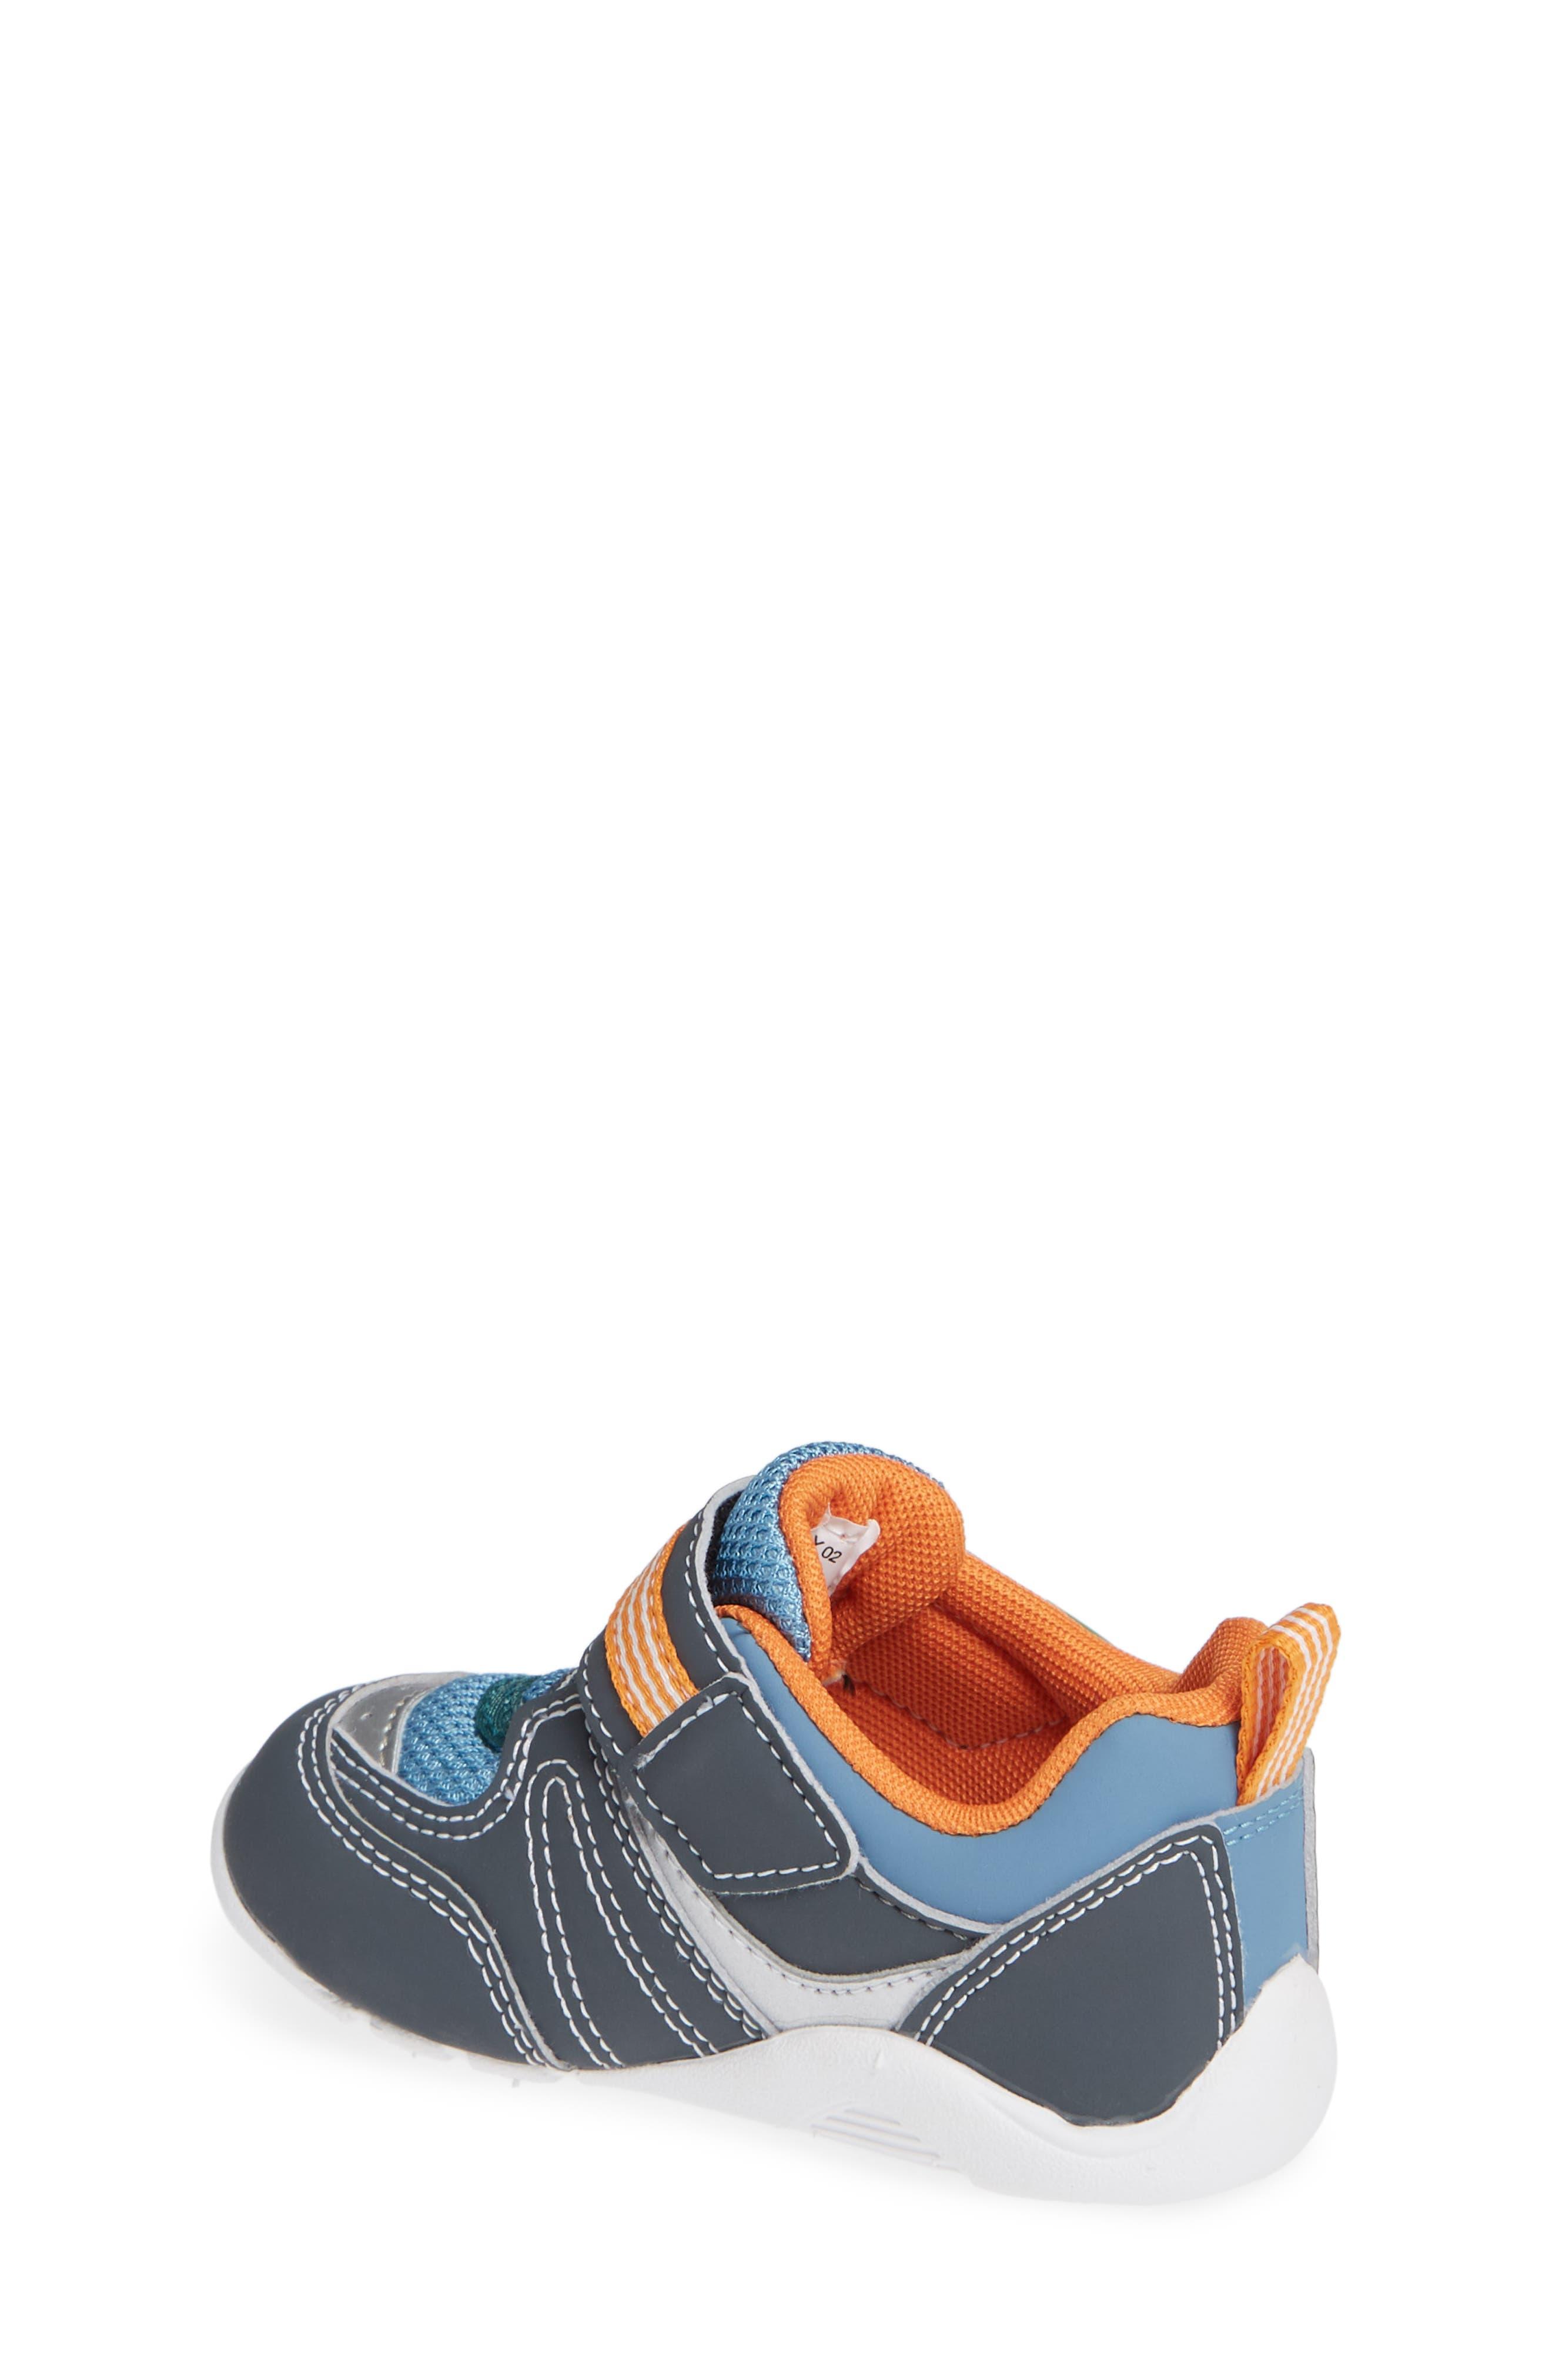 TSUKIHOSHI, Neko Washable Sneaker, Alternate thumbnail 2, color, CHARCOAL/ SEA